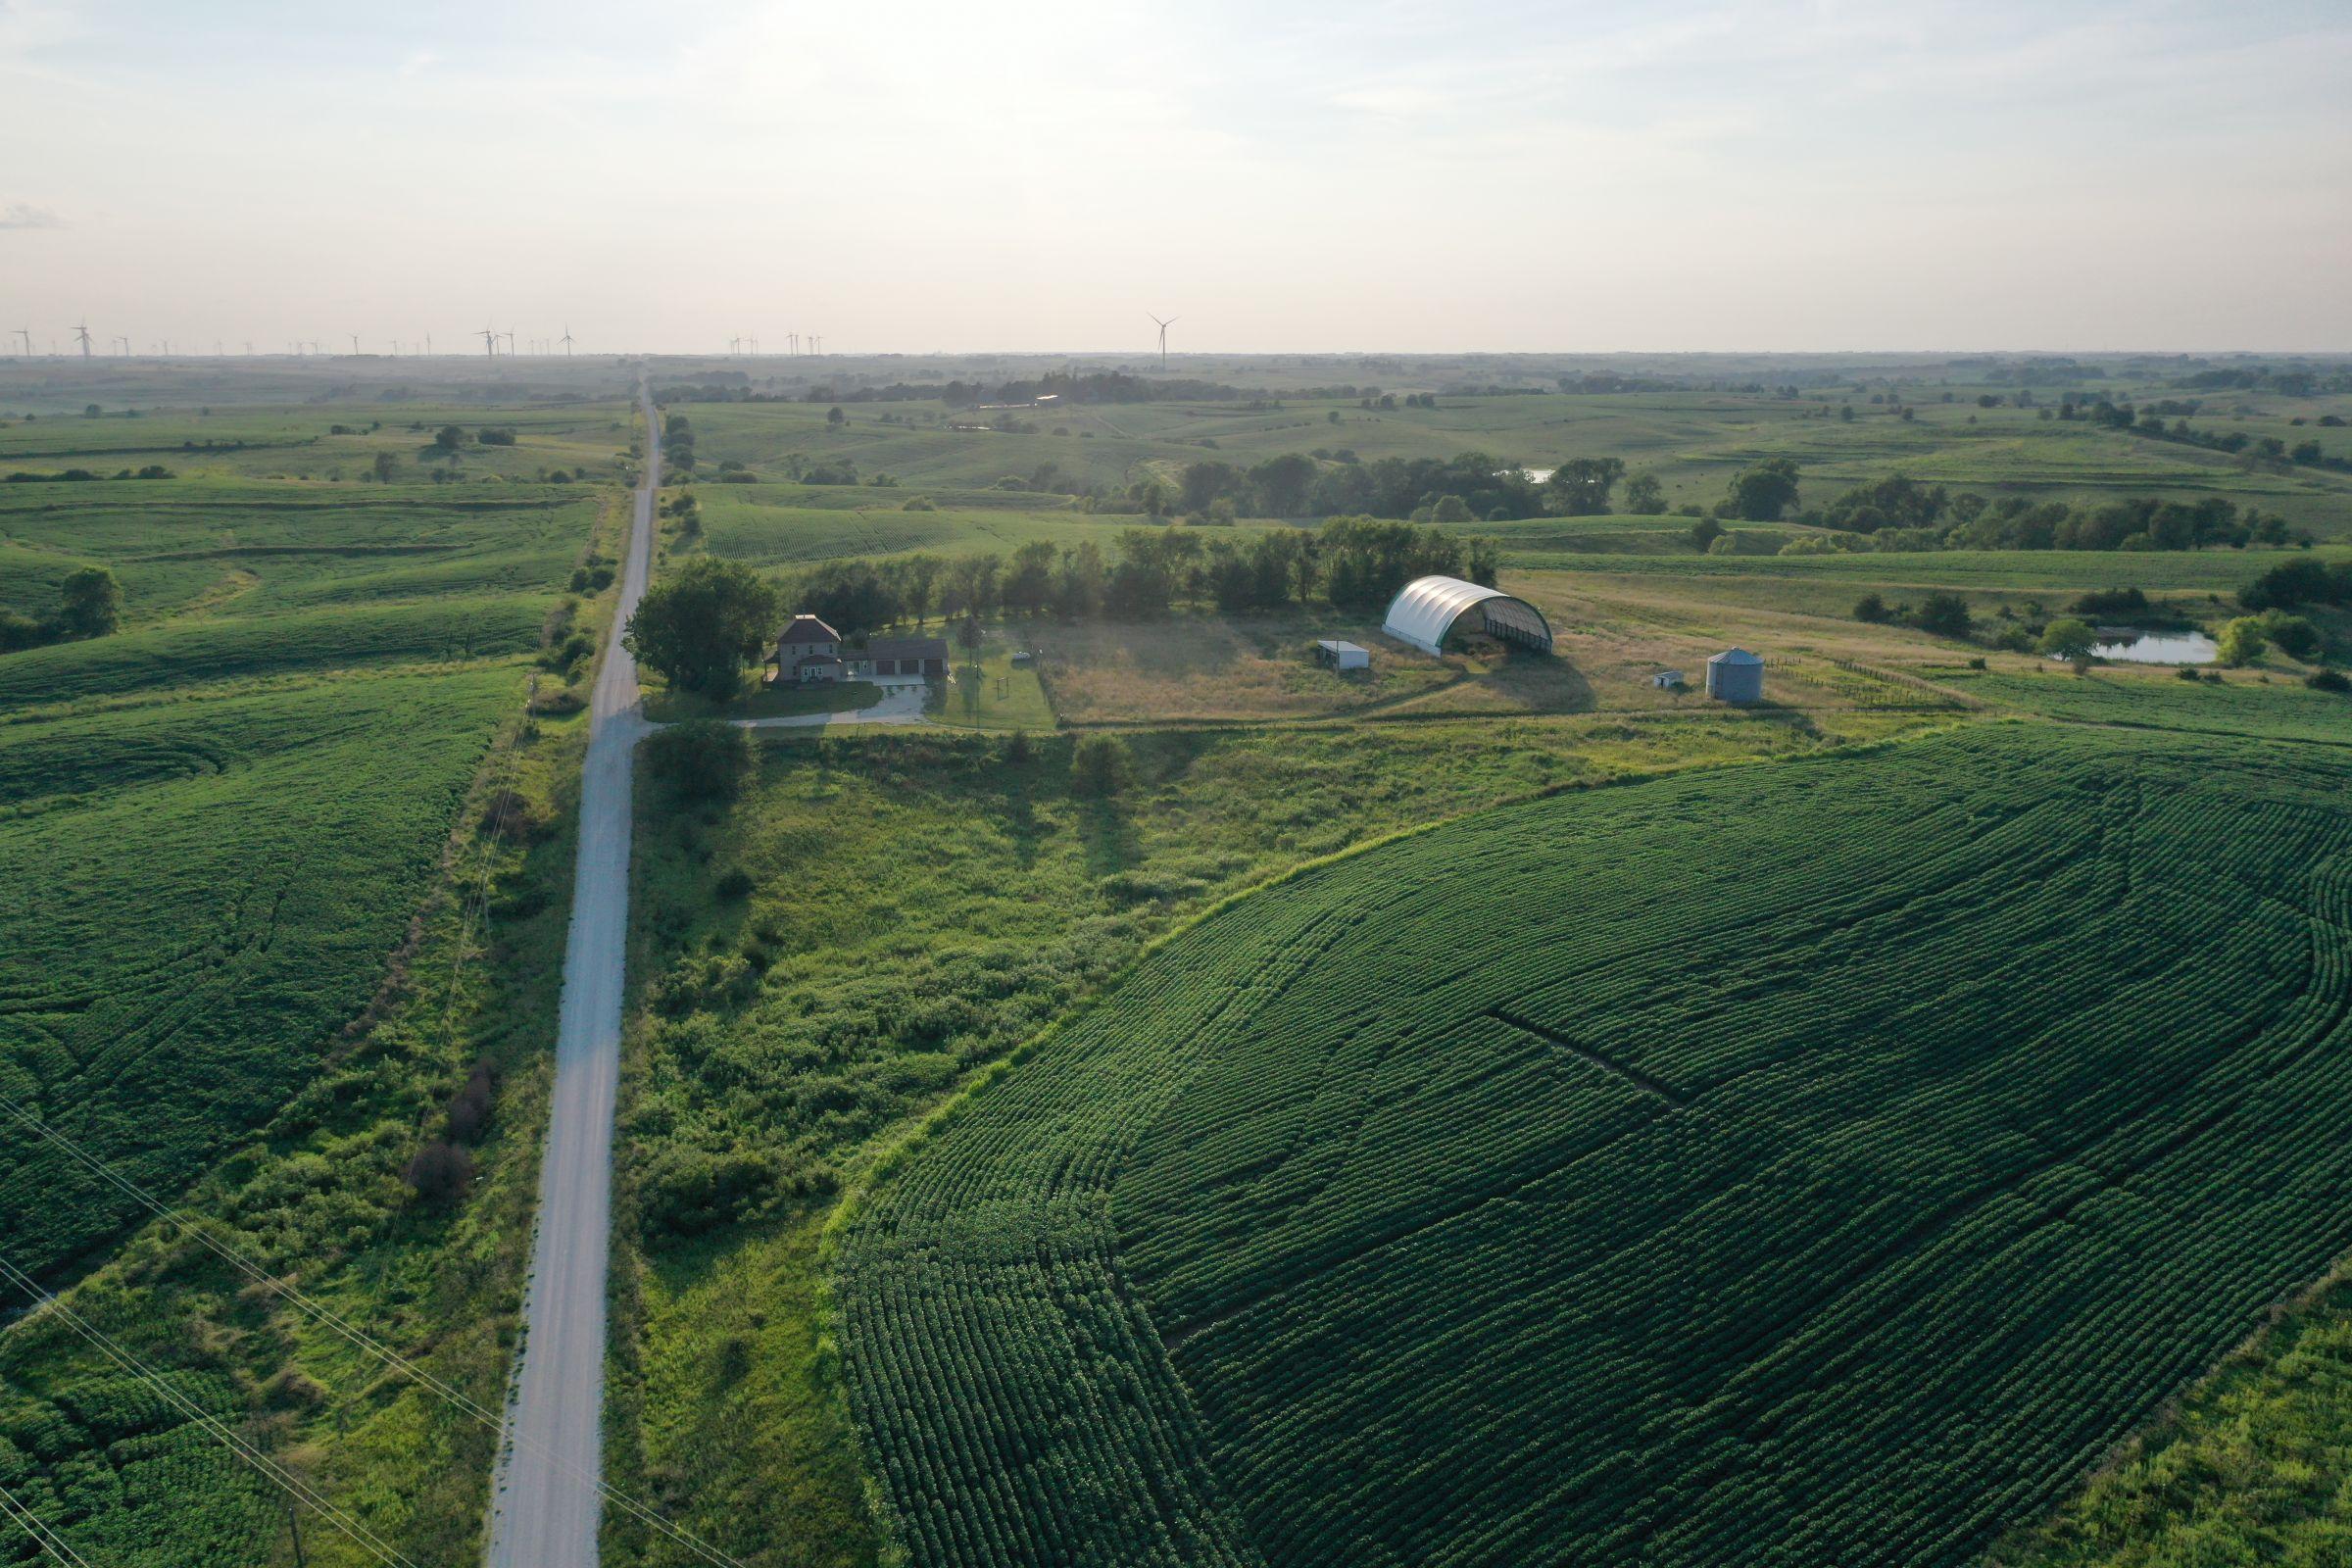 adair-county-iowa-6-acres-listing-number-15664-0-2021-08-04-193033.JPG